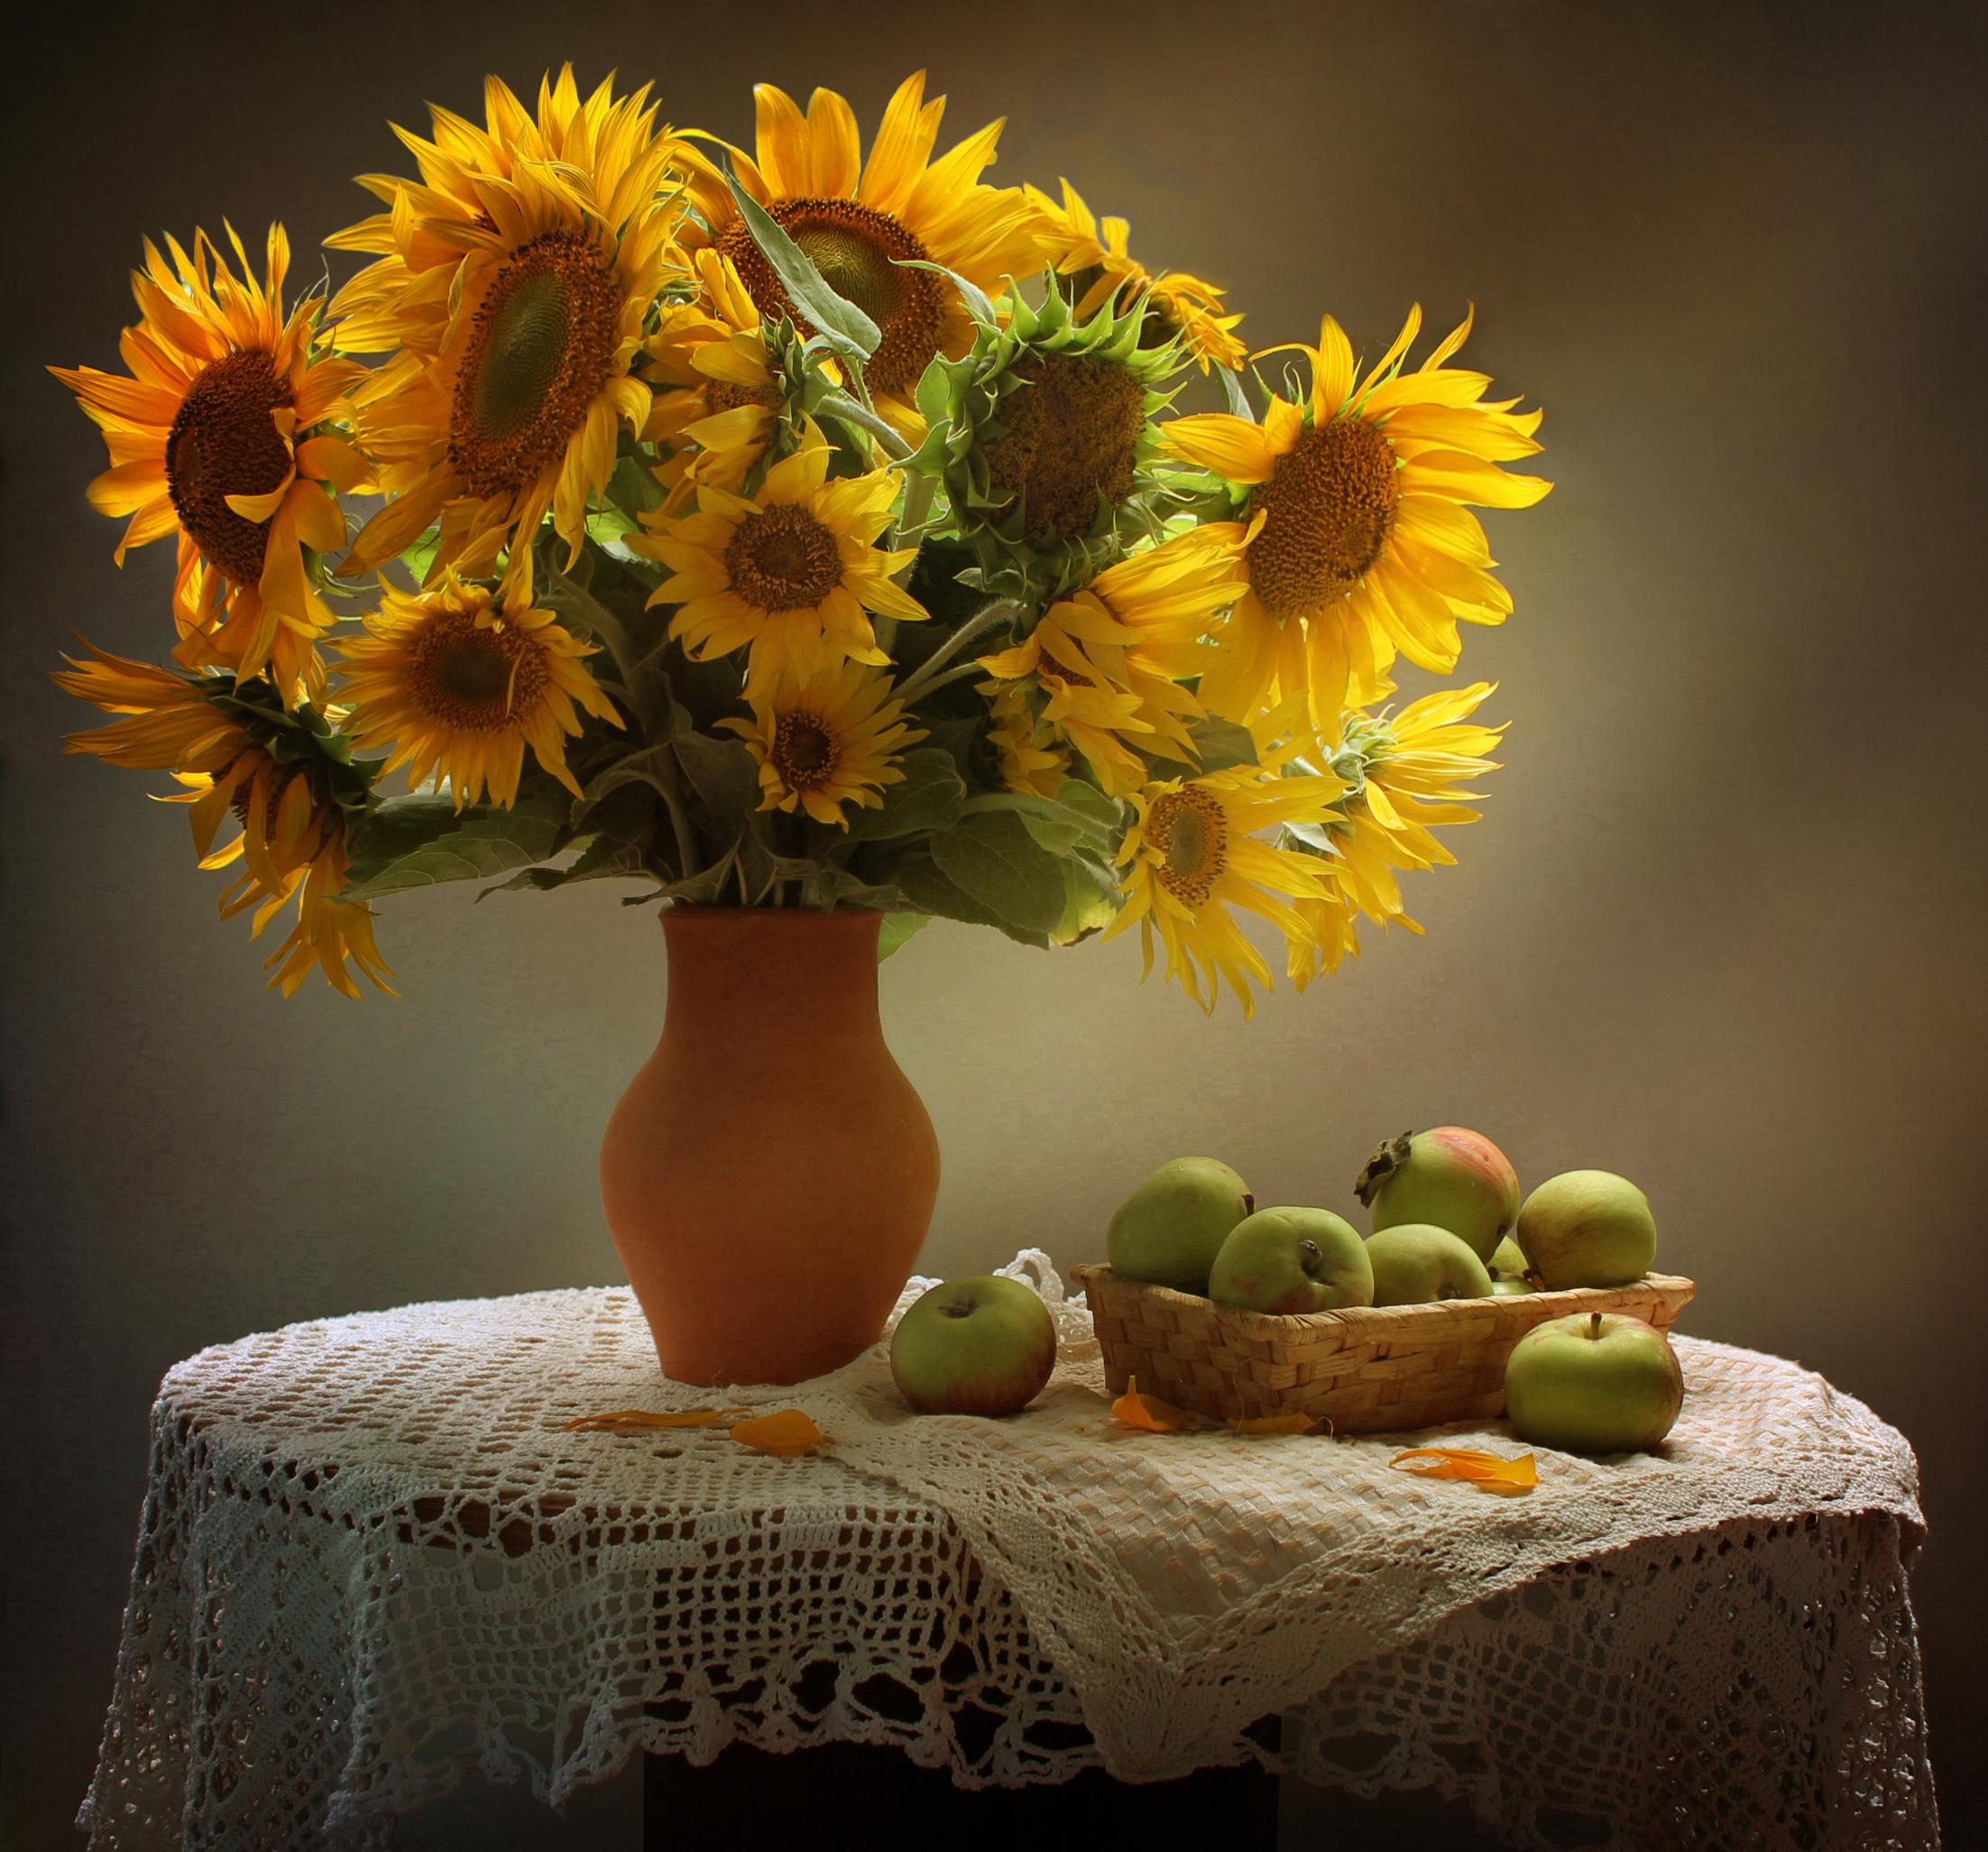 Солнечное-подсолнечное - для Алены ( alena.shybko) в день рождения